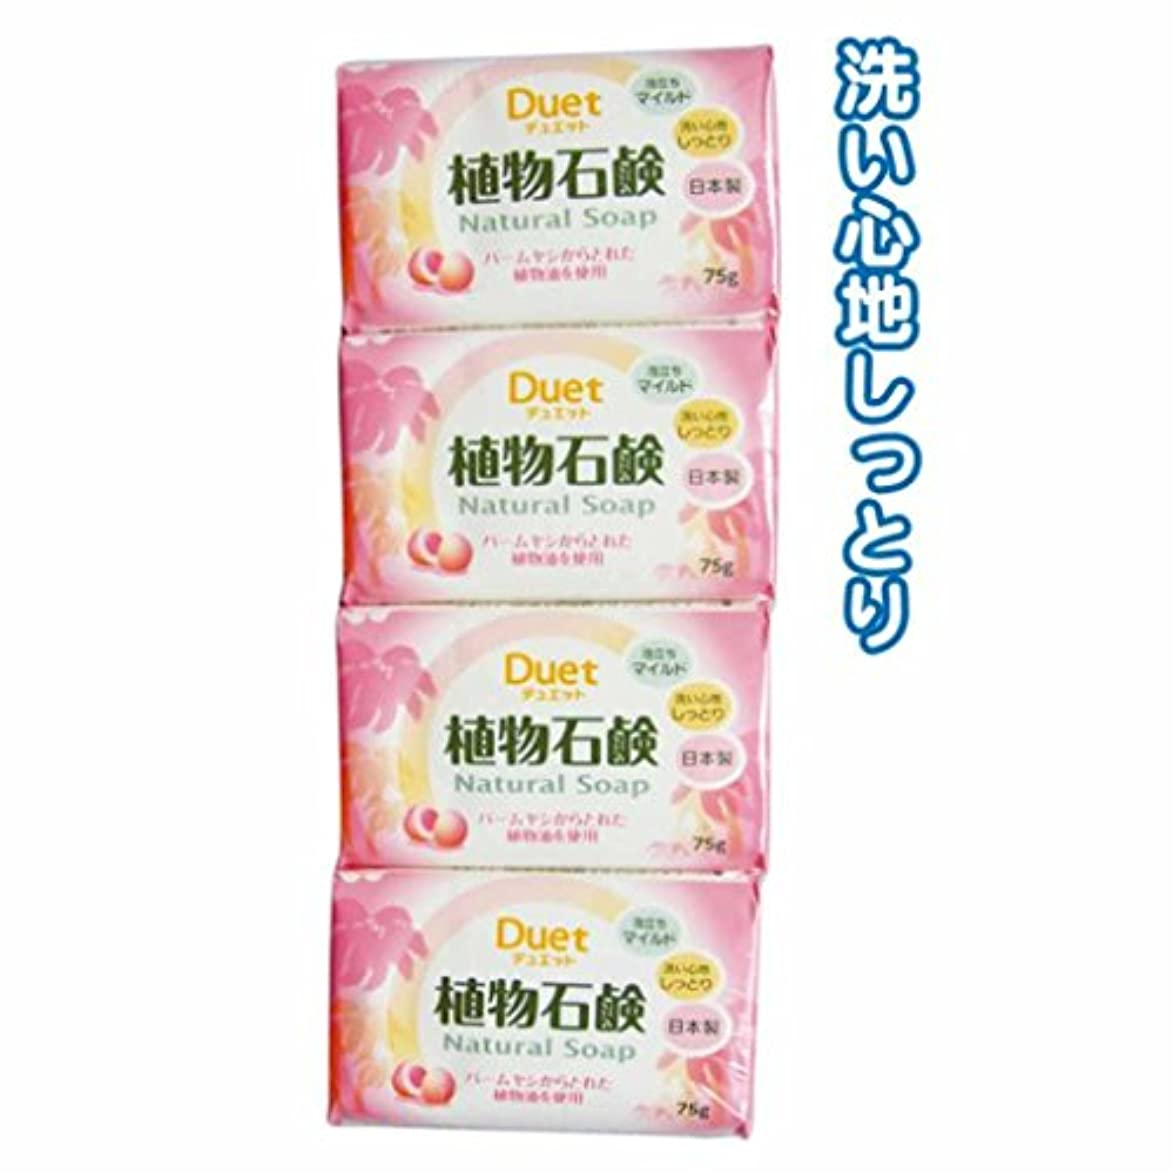 微視的ジョガー構造日本製 Japan デュエット植物石鹸75g 【まとめ買い4個入り×240パック 合計960個セット】 46-202